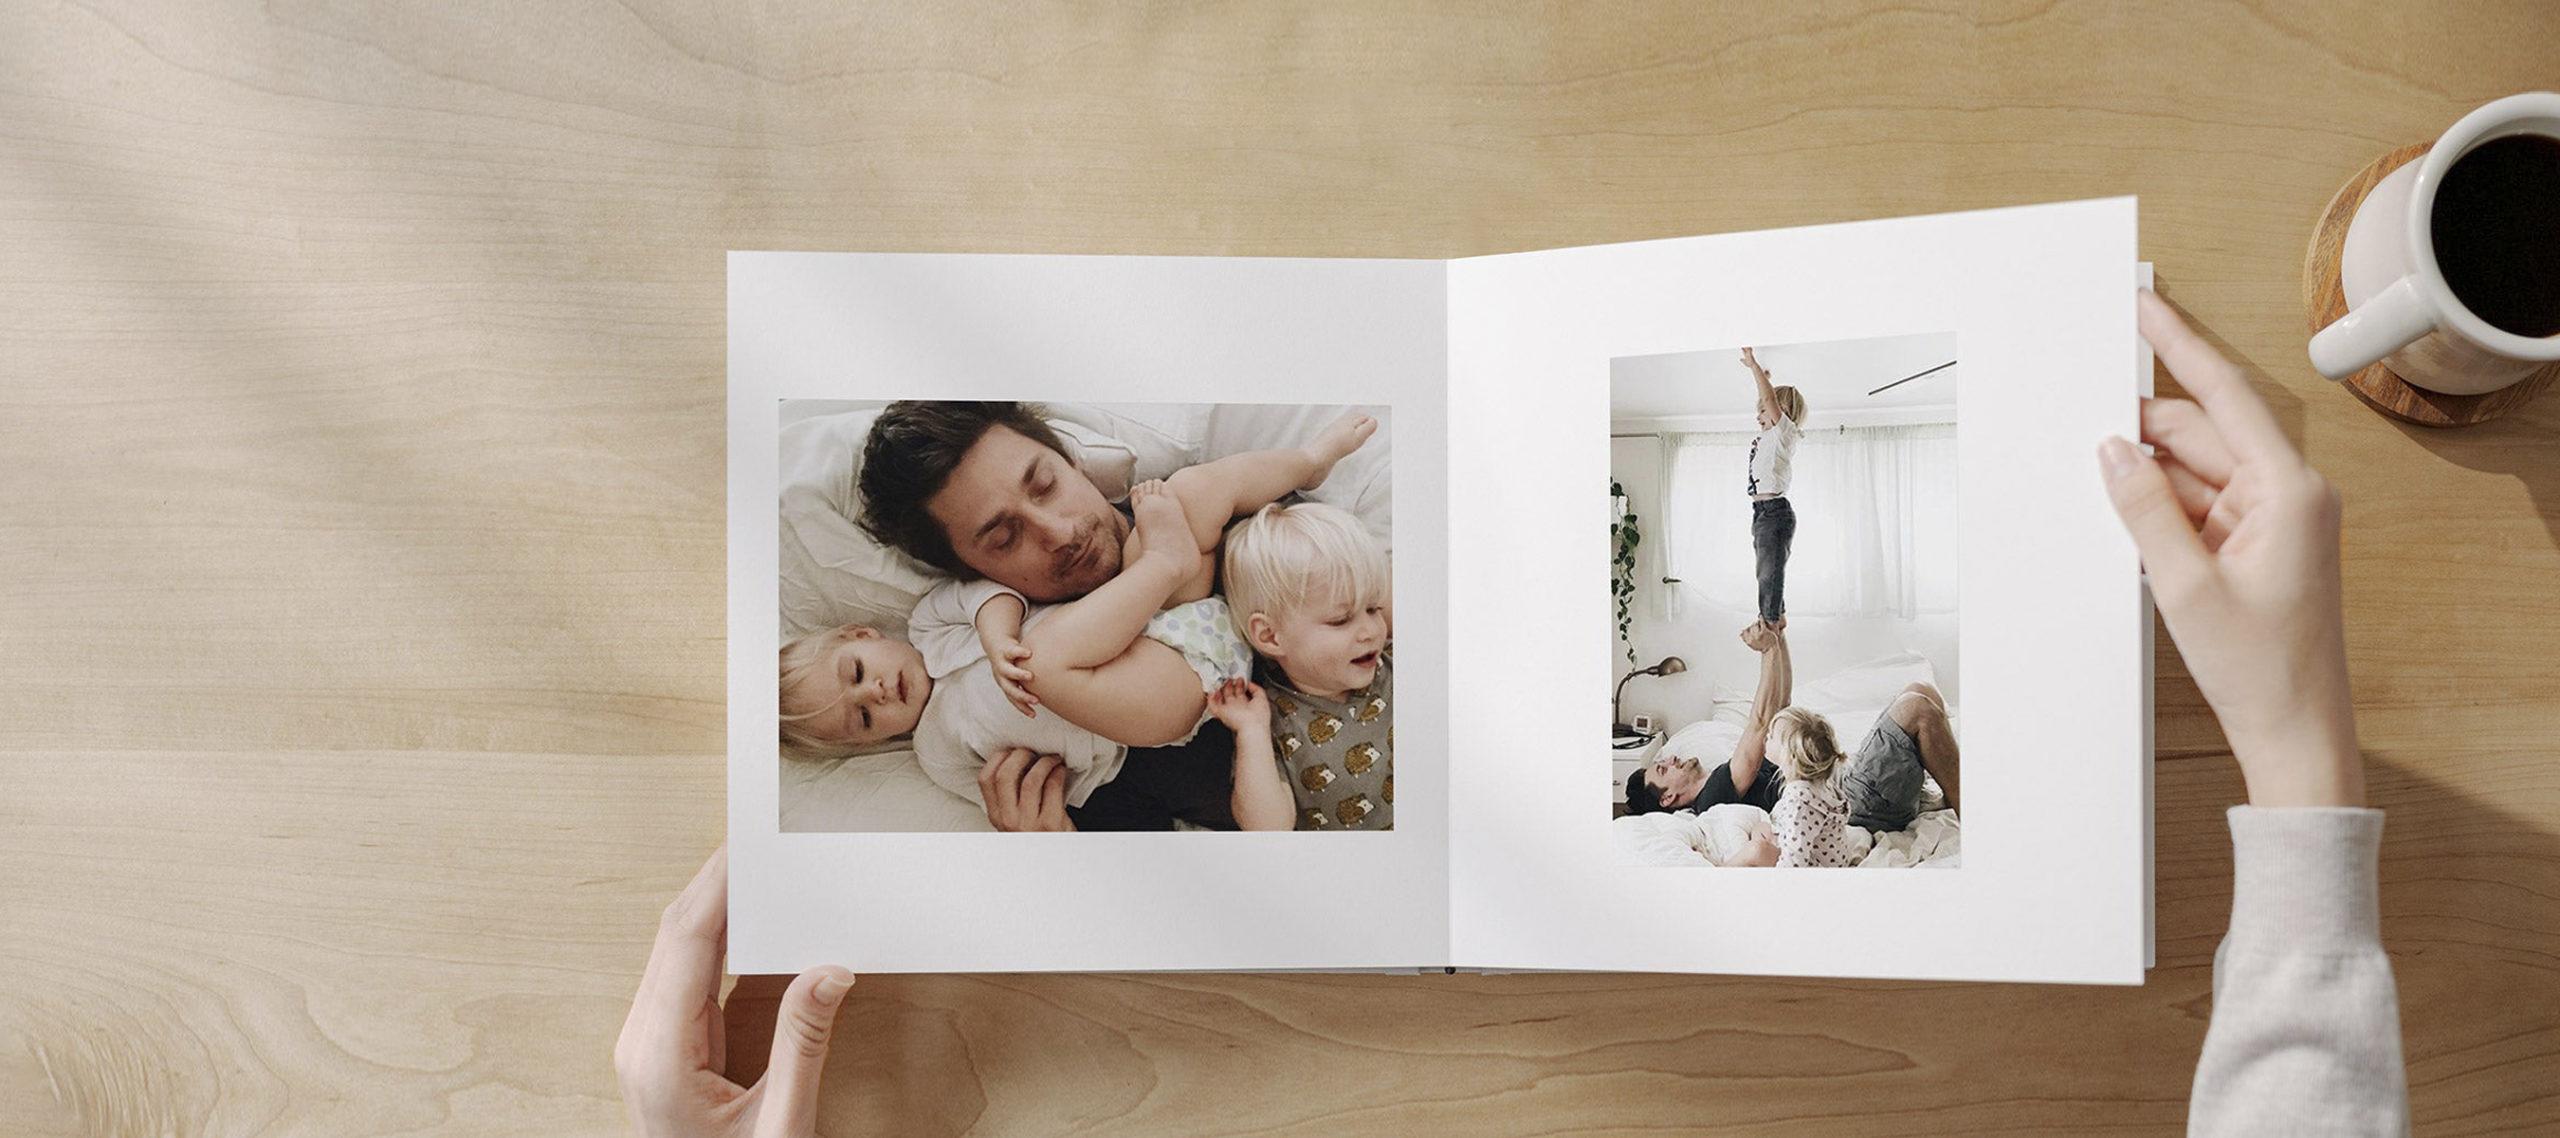 Фотокнига Инстабук, фотобук. фотокнига онлайн конструктор - Печать фотокниг Киев, изготовление фотокниг, дизайн фотокниги , инстабук и фотобук.